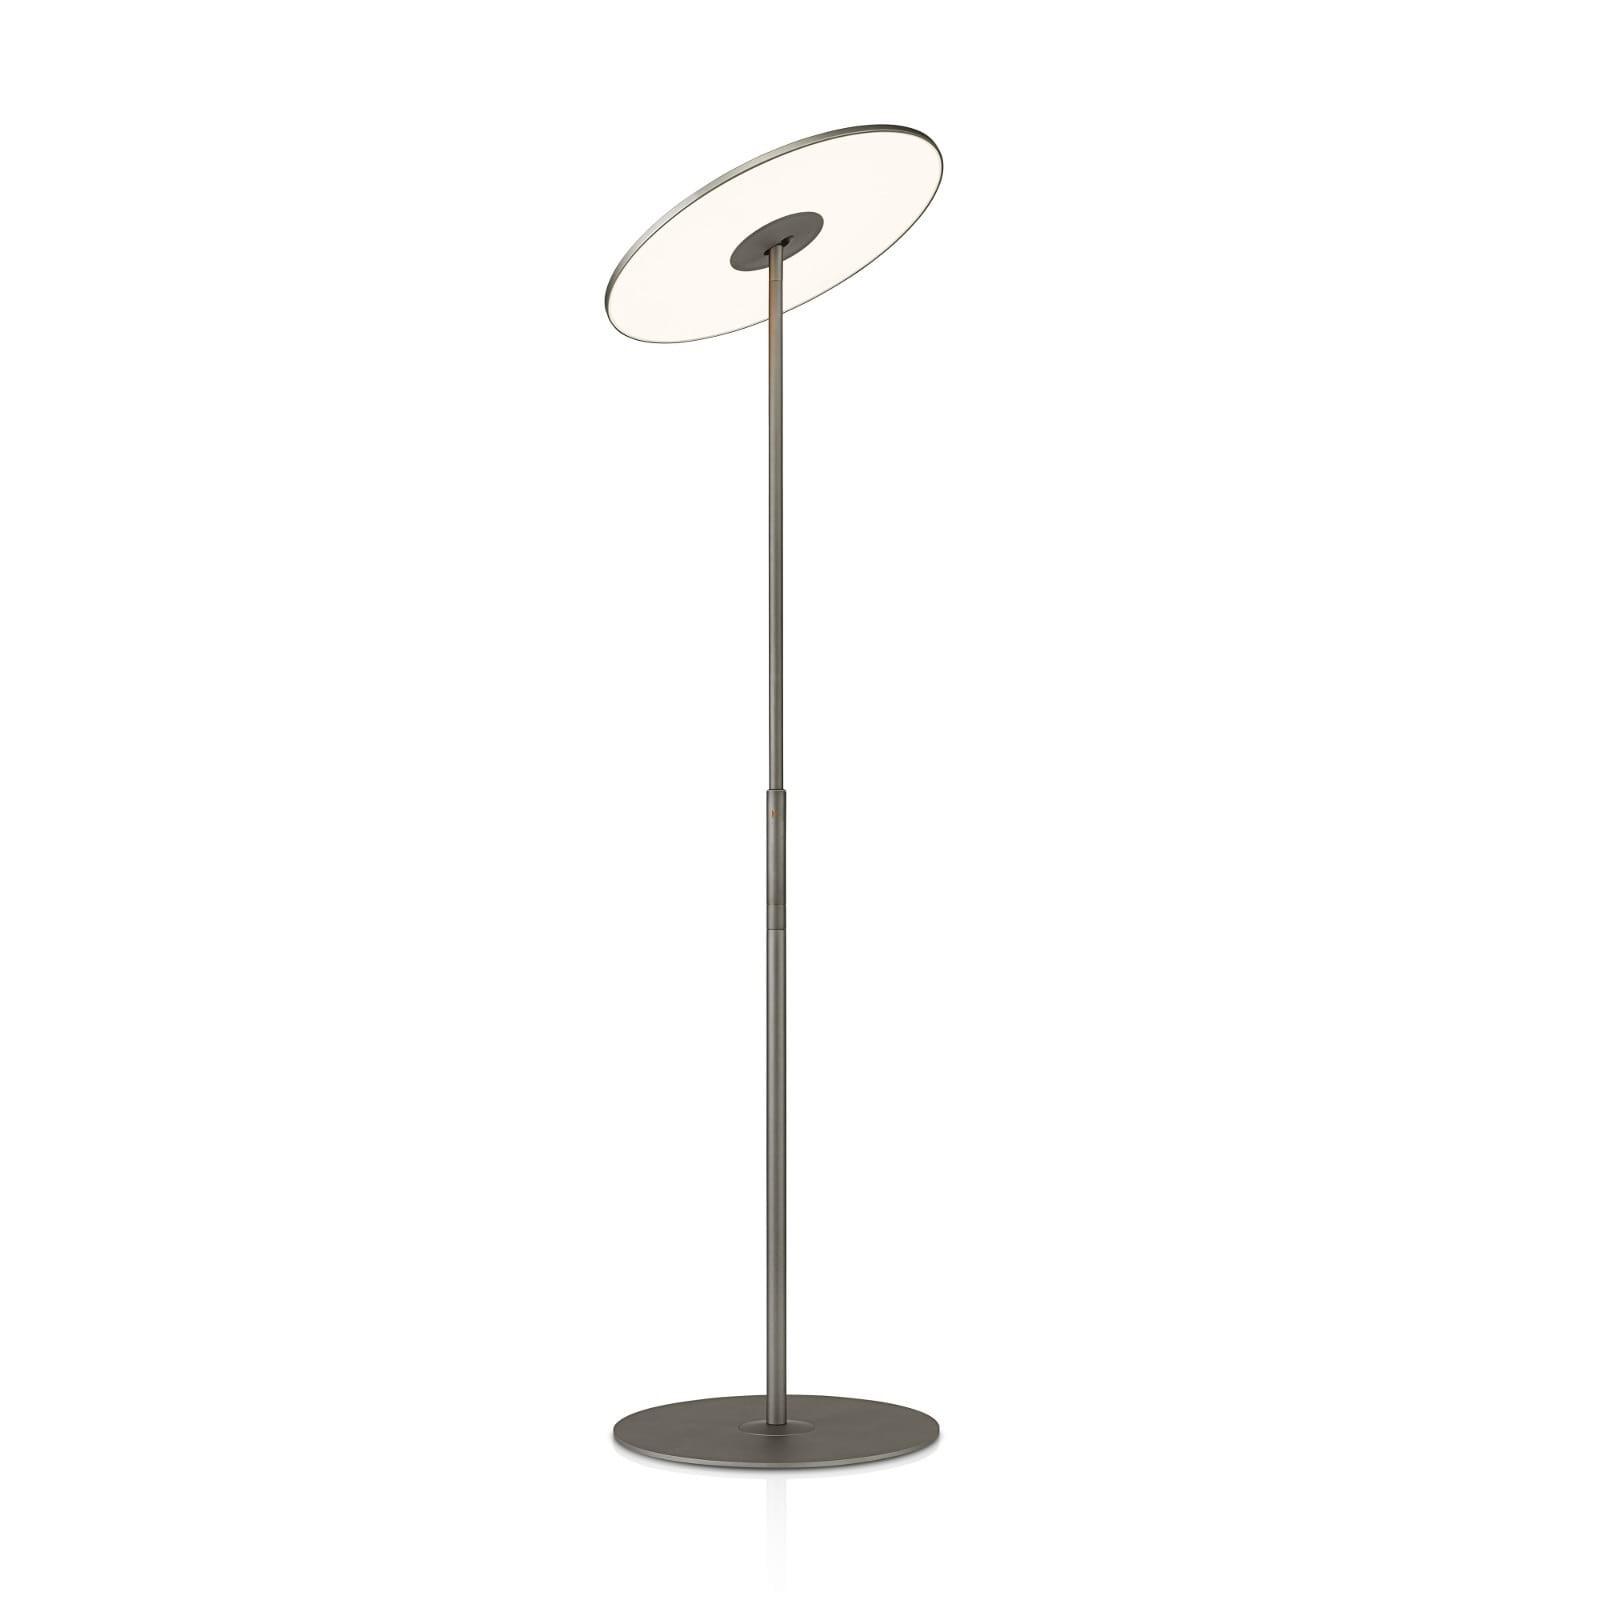 Circa Flat Panel LED Floor Lamp (Graphite) - Pablo Designs